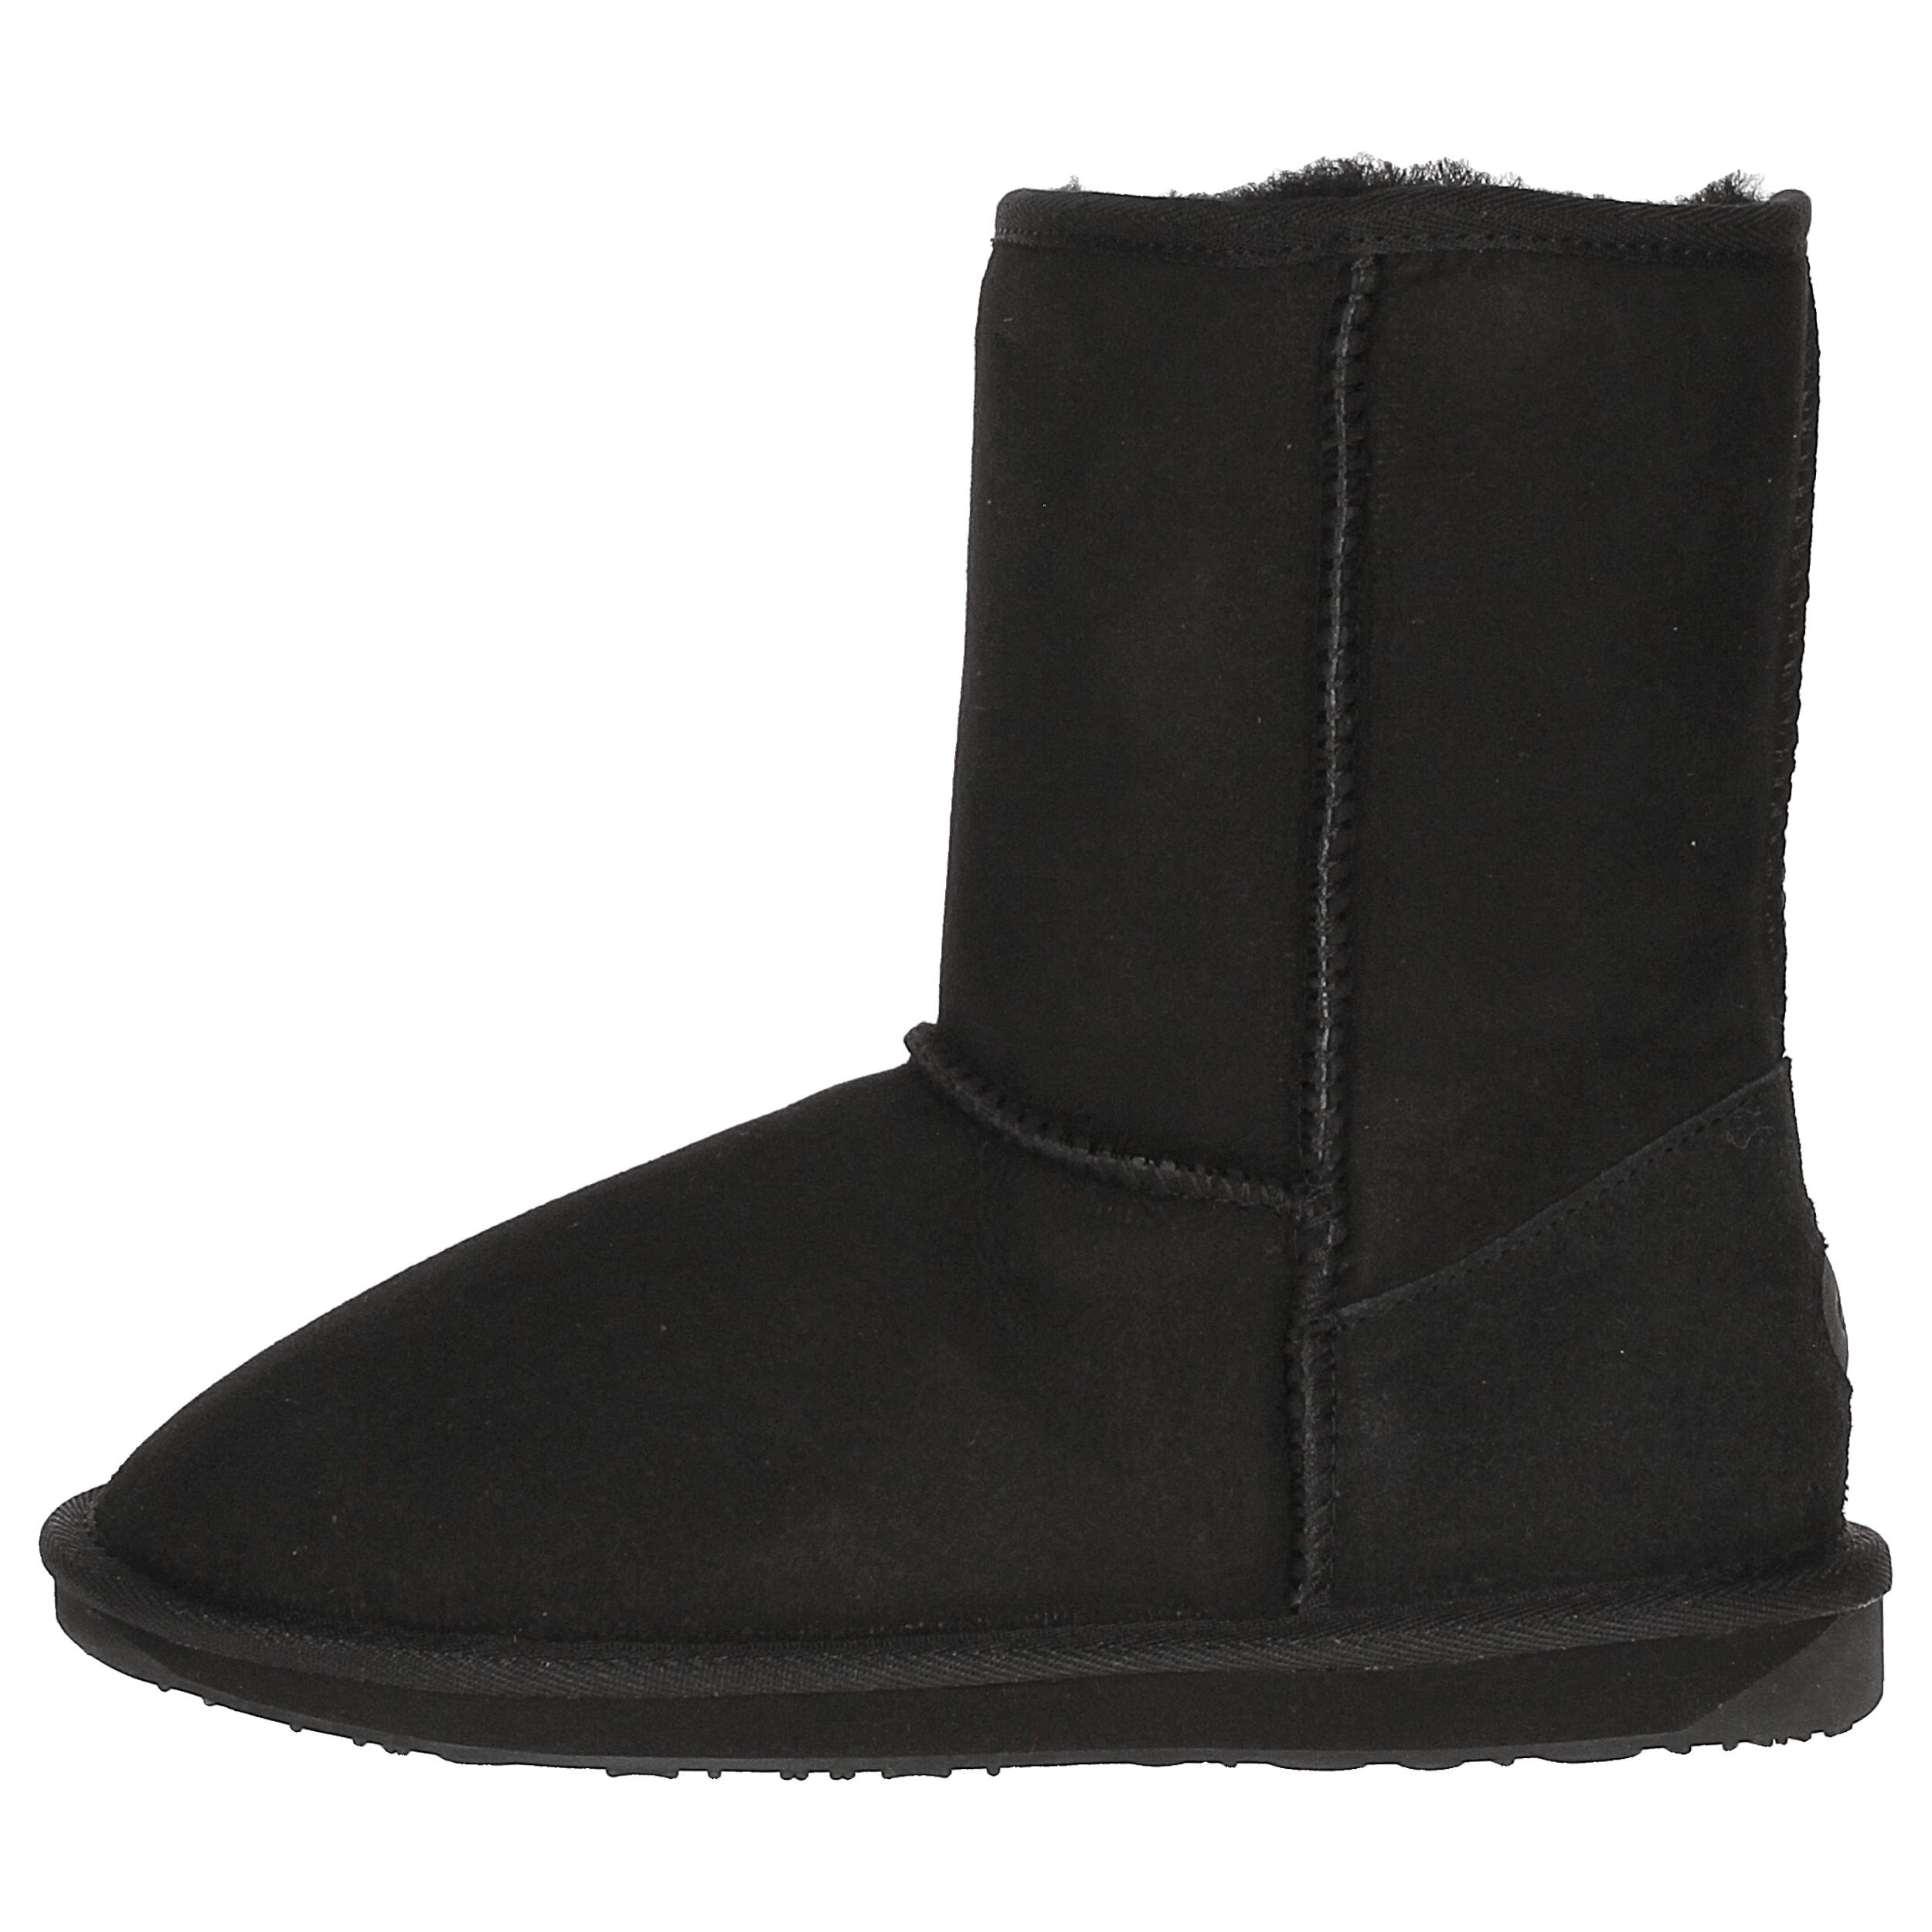 21647060b0c72 Botki EMU Stinger Lo black buty zimowe czarne r 37 - 7460064786 ...